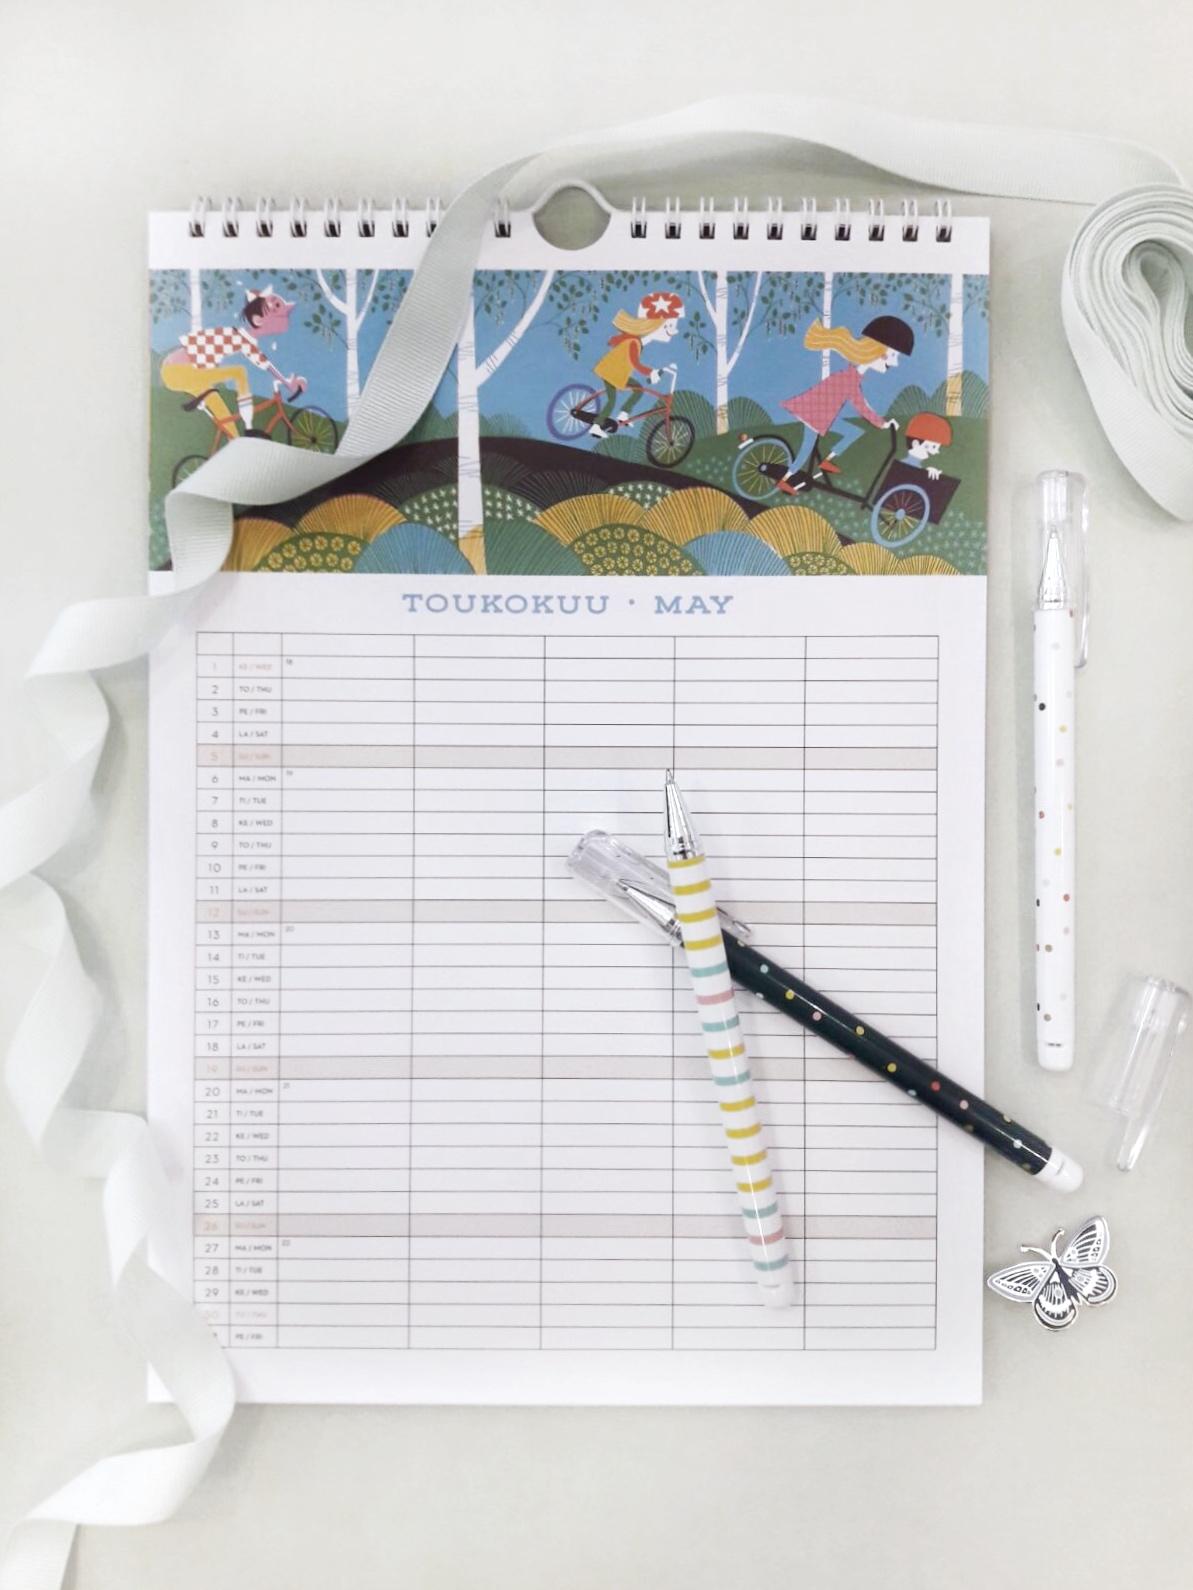 Kehvola Perhekalenteri 2019